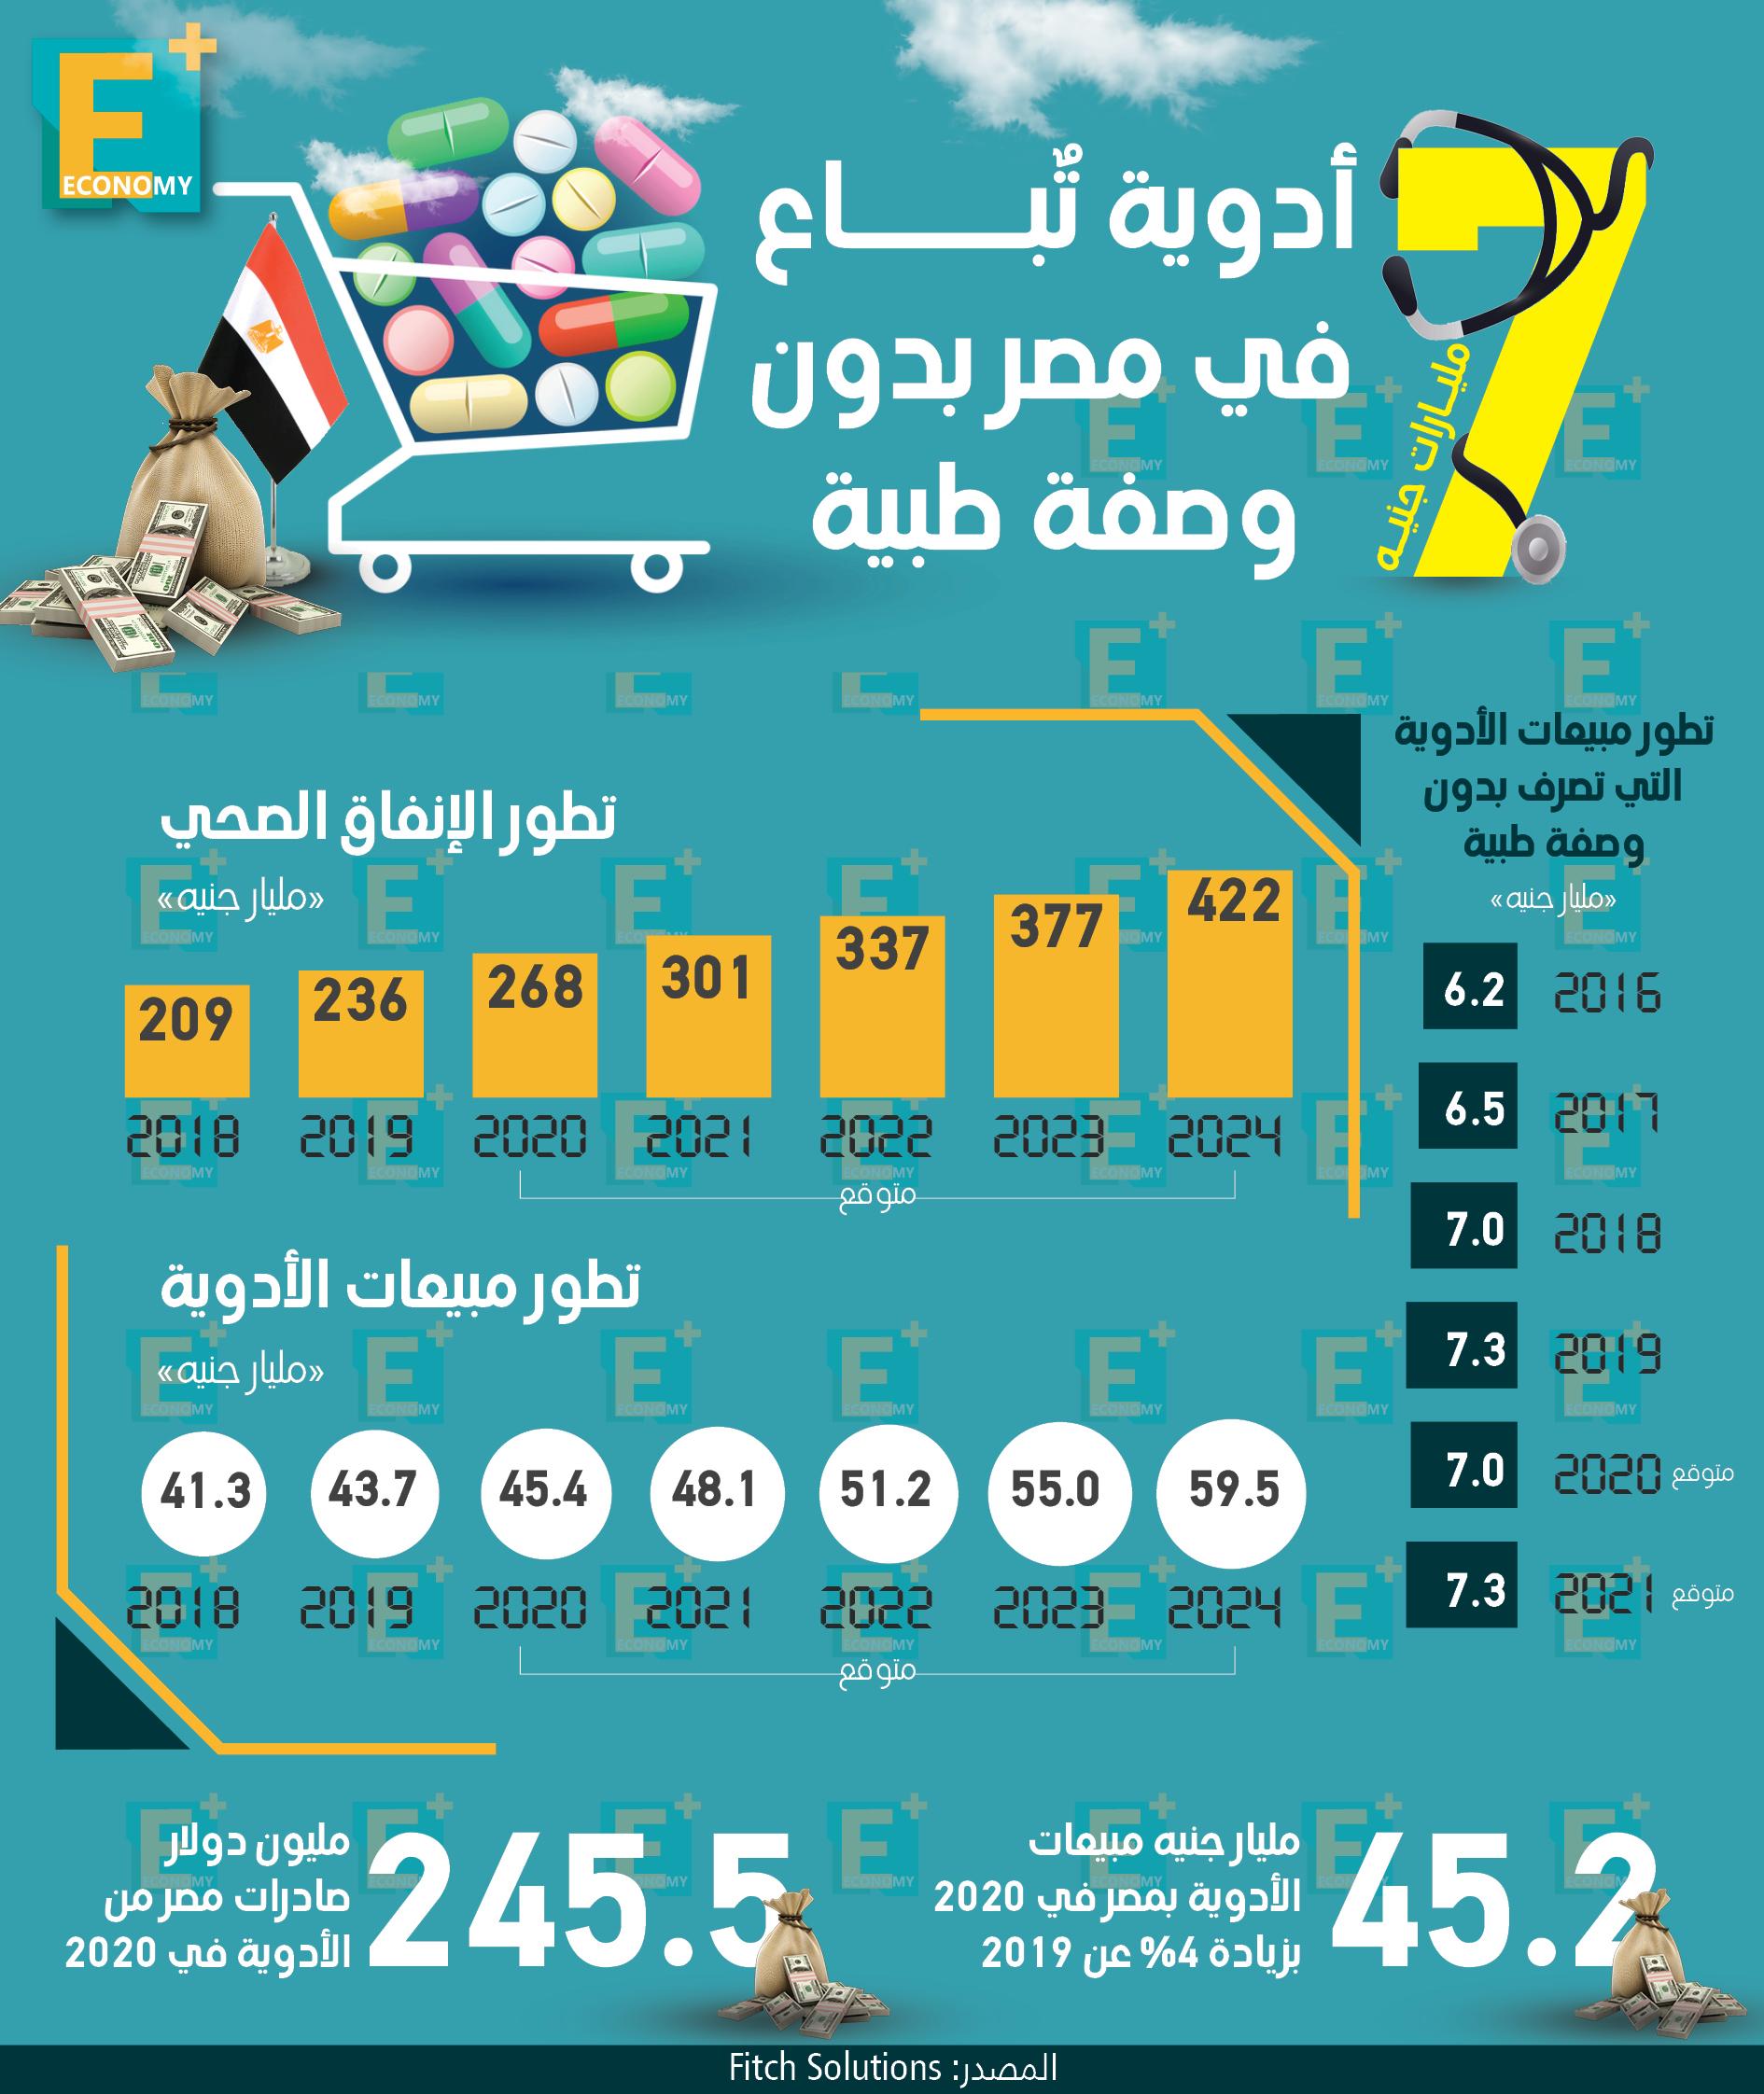 7 مليارات جنيه أدوية تُباع في مصر بدون وصفة طبية